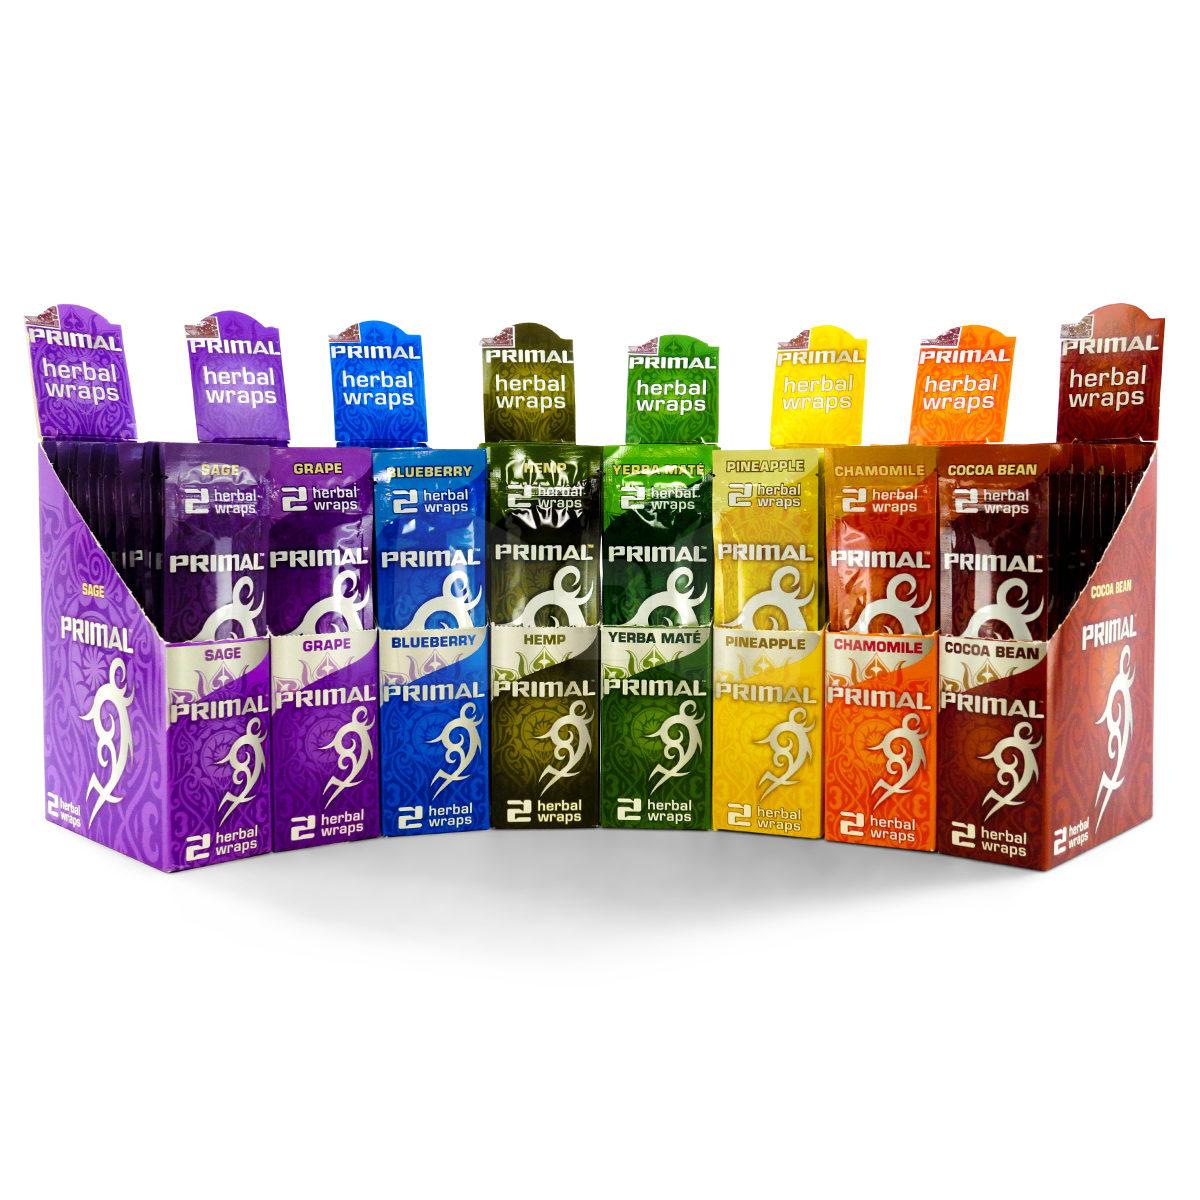 Primal Herbal Wrap is a tobacco & nicotine-free herbal wrap!